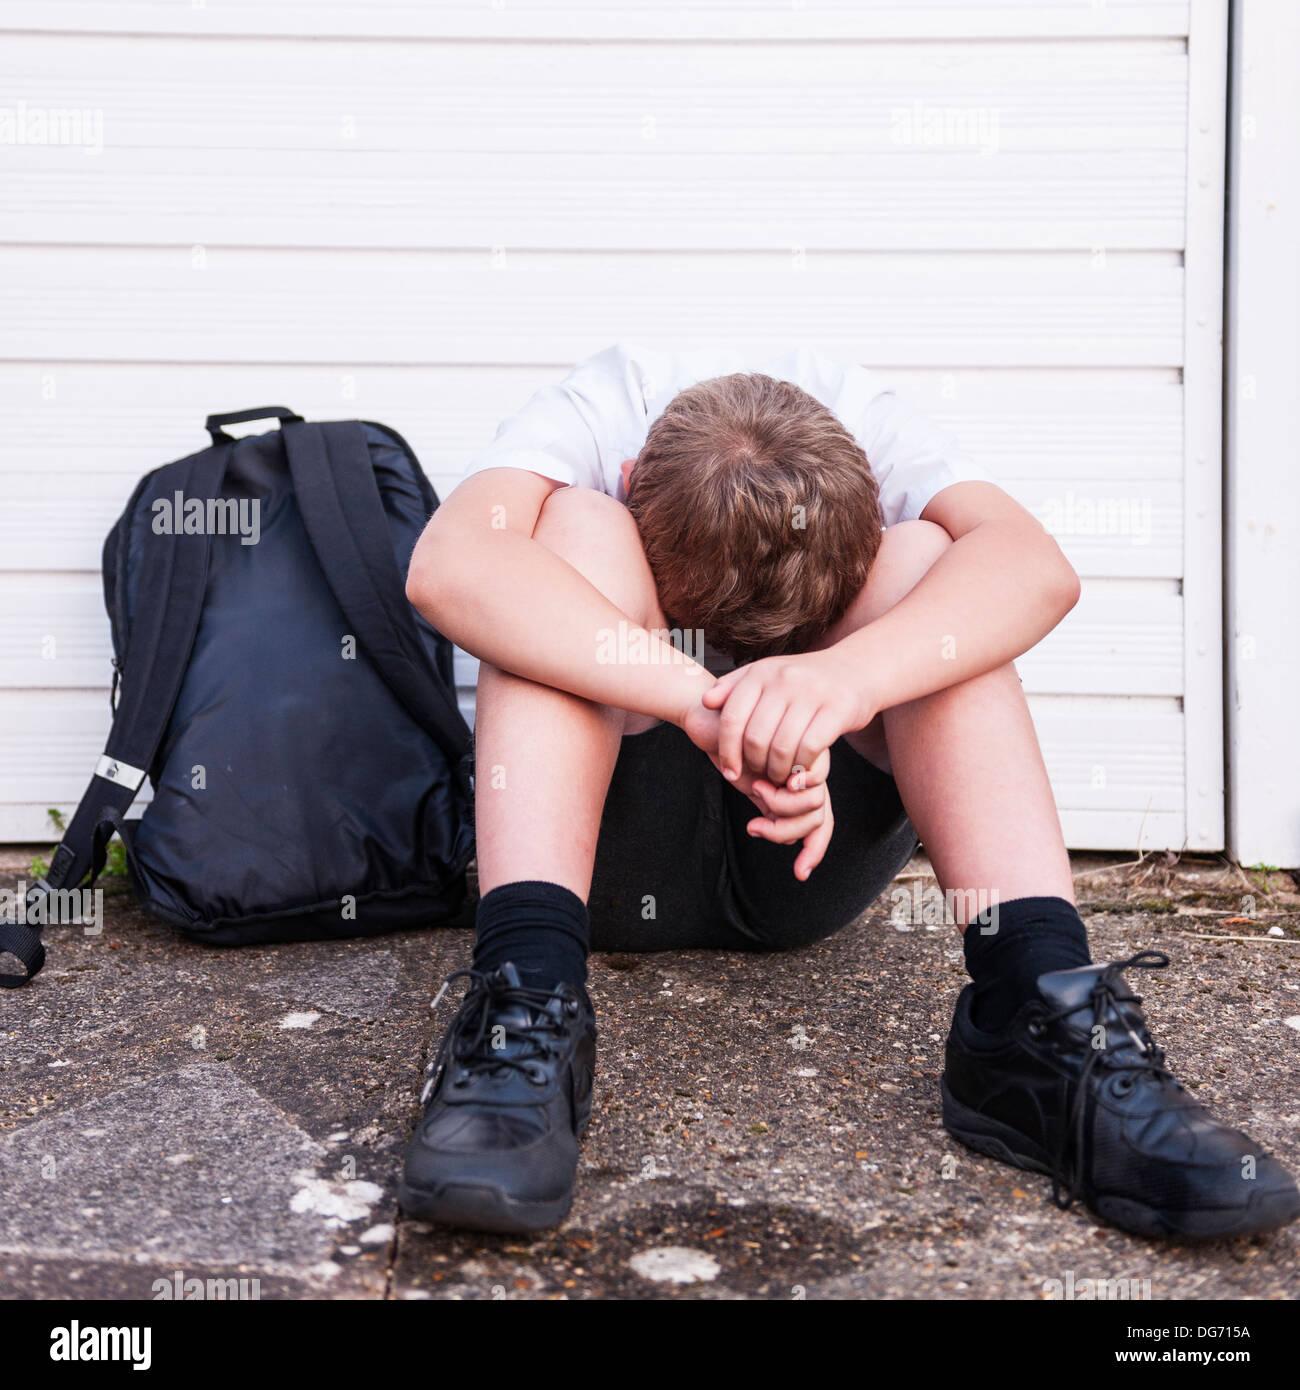 Ein Junge von 10 suchen Sie traurig und deprimiert in seiner Schuluniform zeigt die Auswirkungen von Mobbing im Stockbild